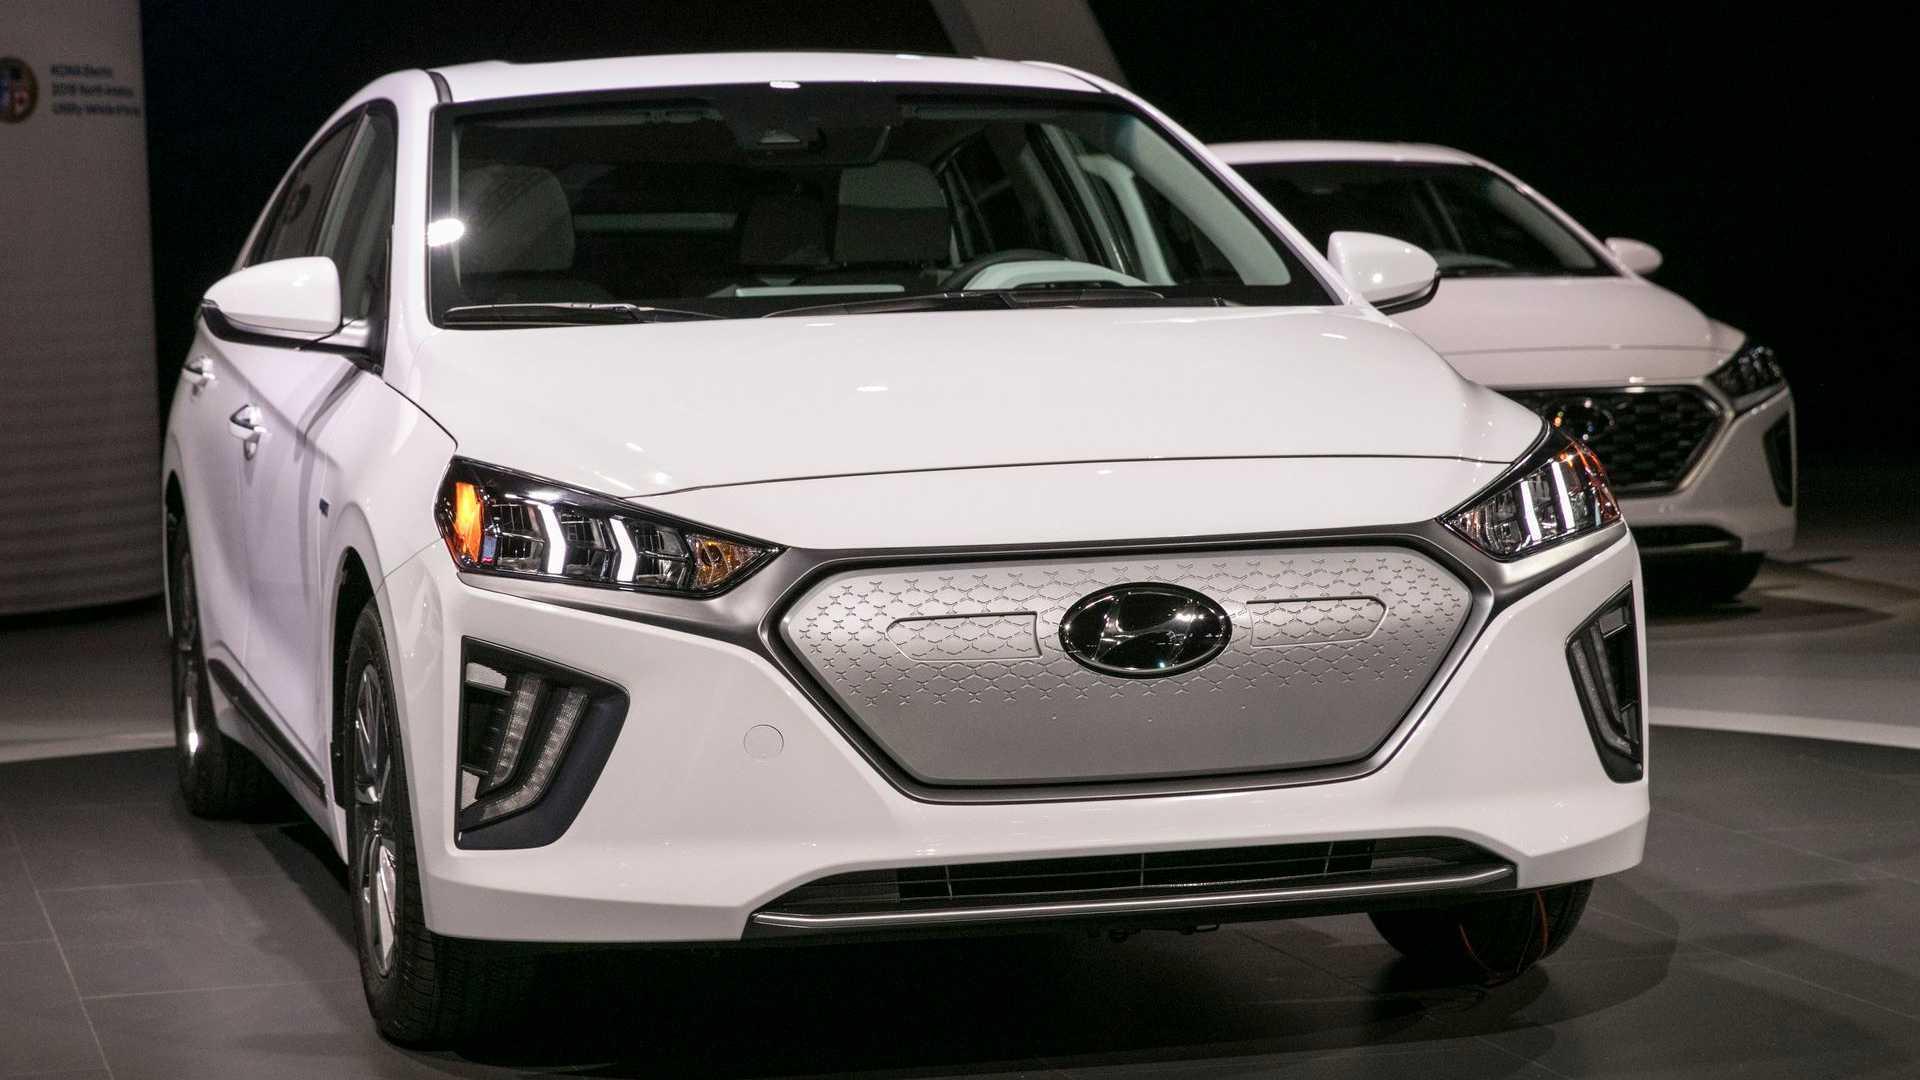 Hyundai IONIQ Electric at the 2019 Los Angeles Auto Show